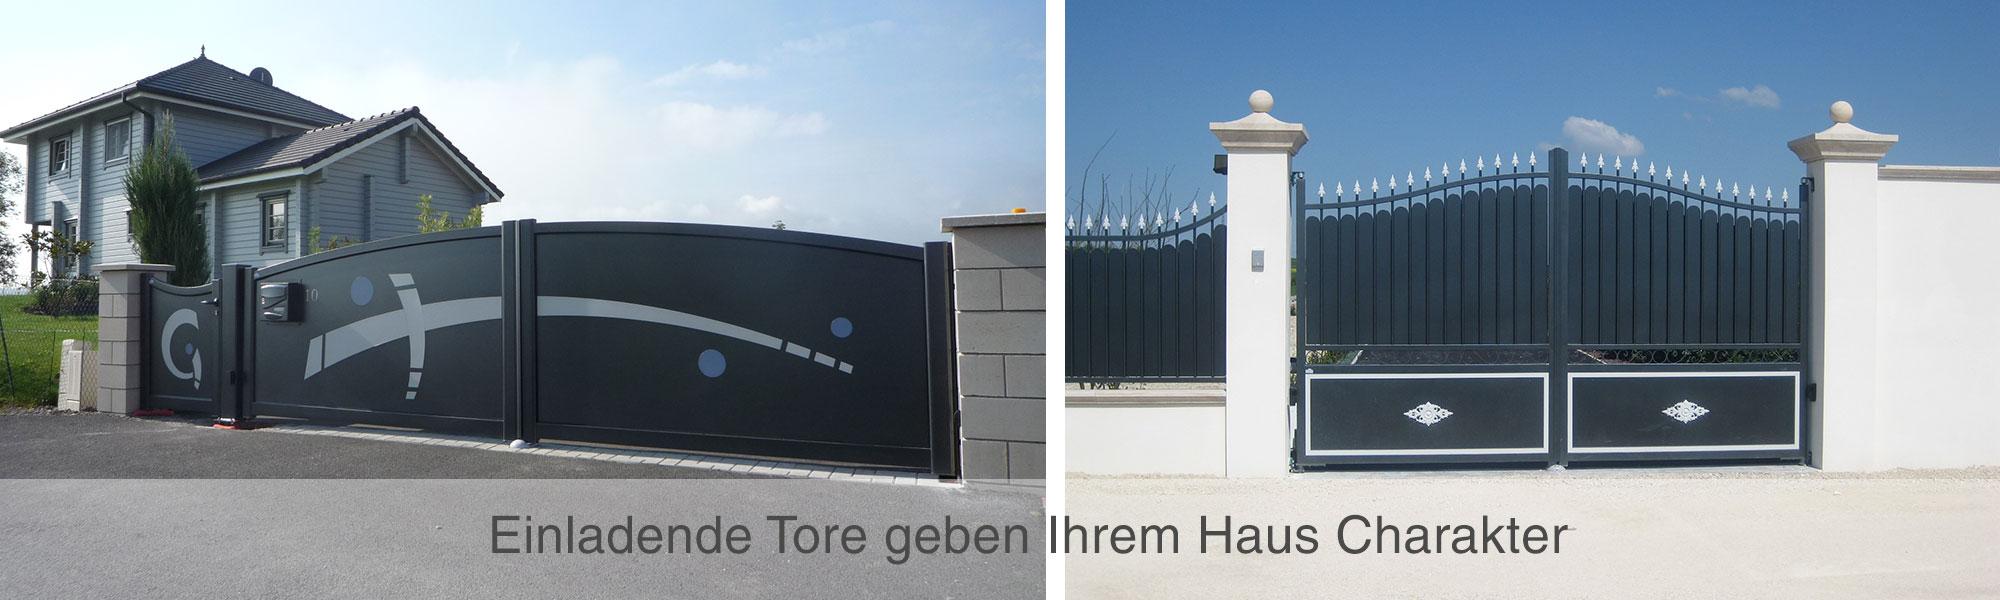 Hoftore, Zäune und Toranlagen von Wulf und Berger in Büttelborn, Groß-Gerau, Darmstadt